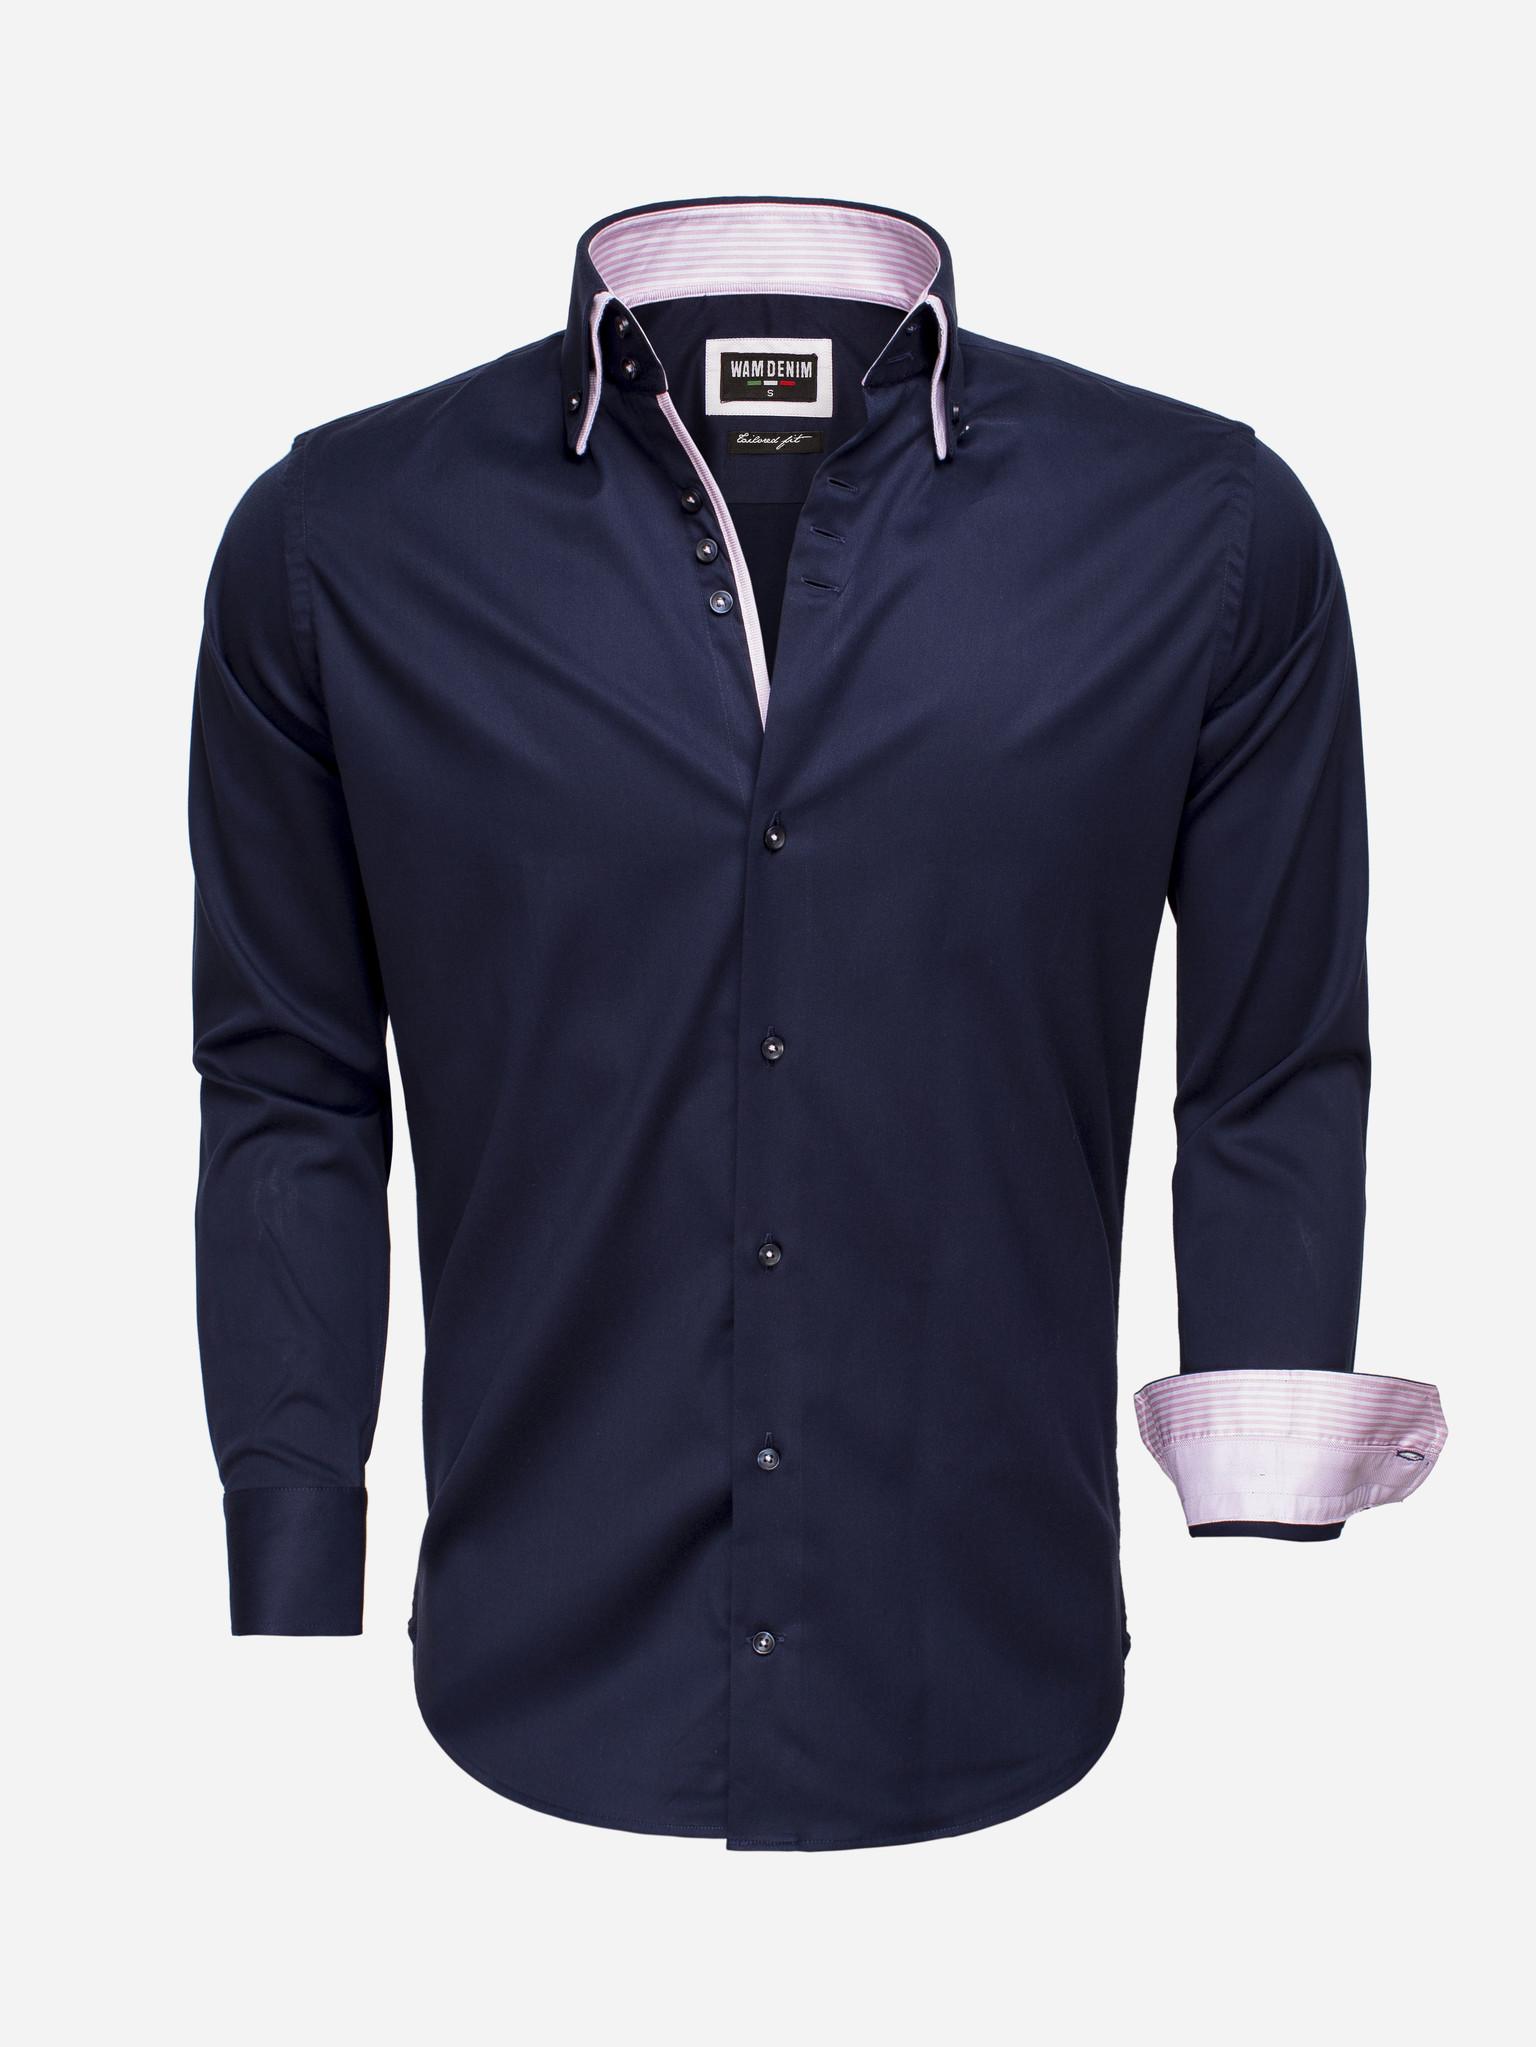 Wam Denim Overhemd Lange Mouw  Maat: S